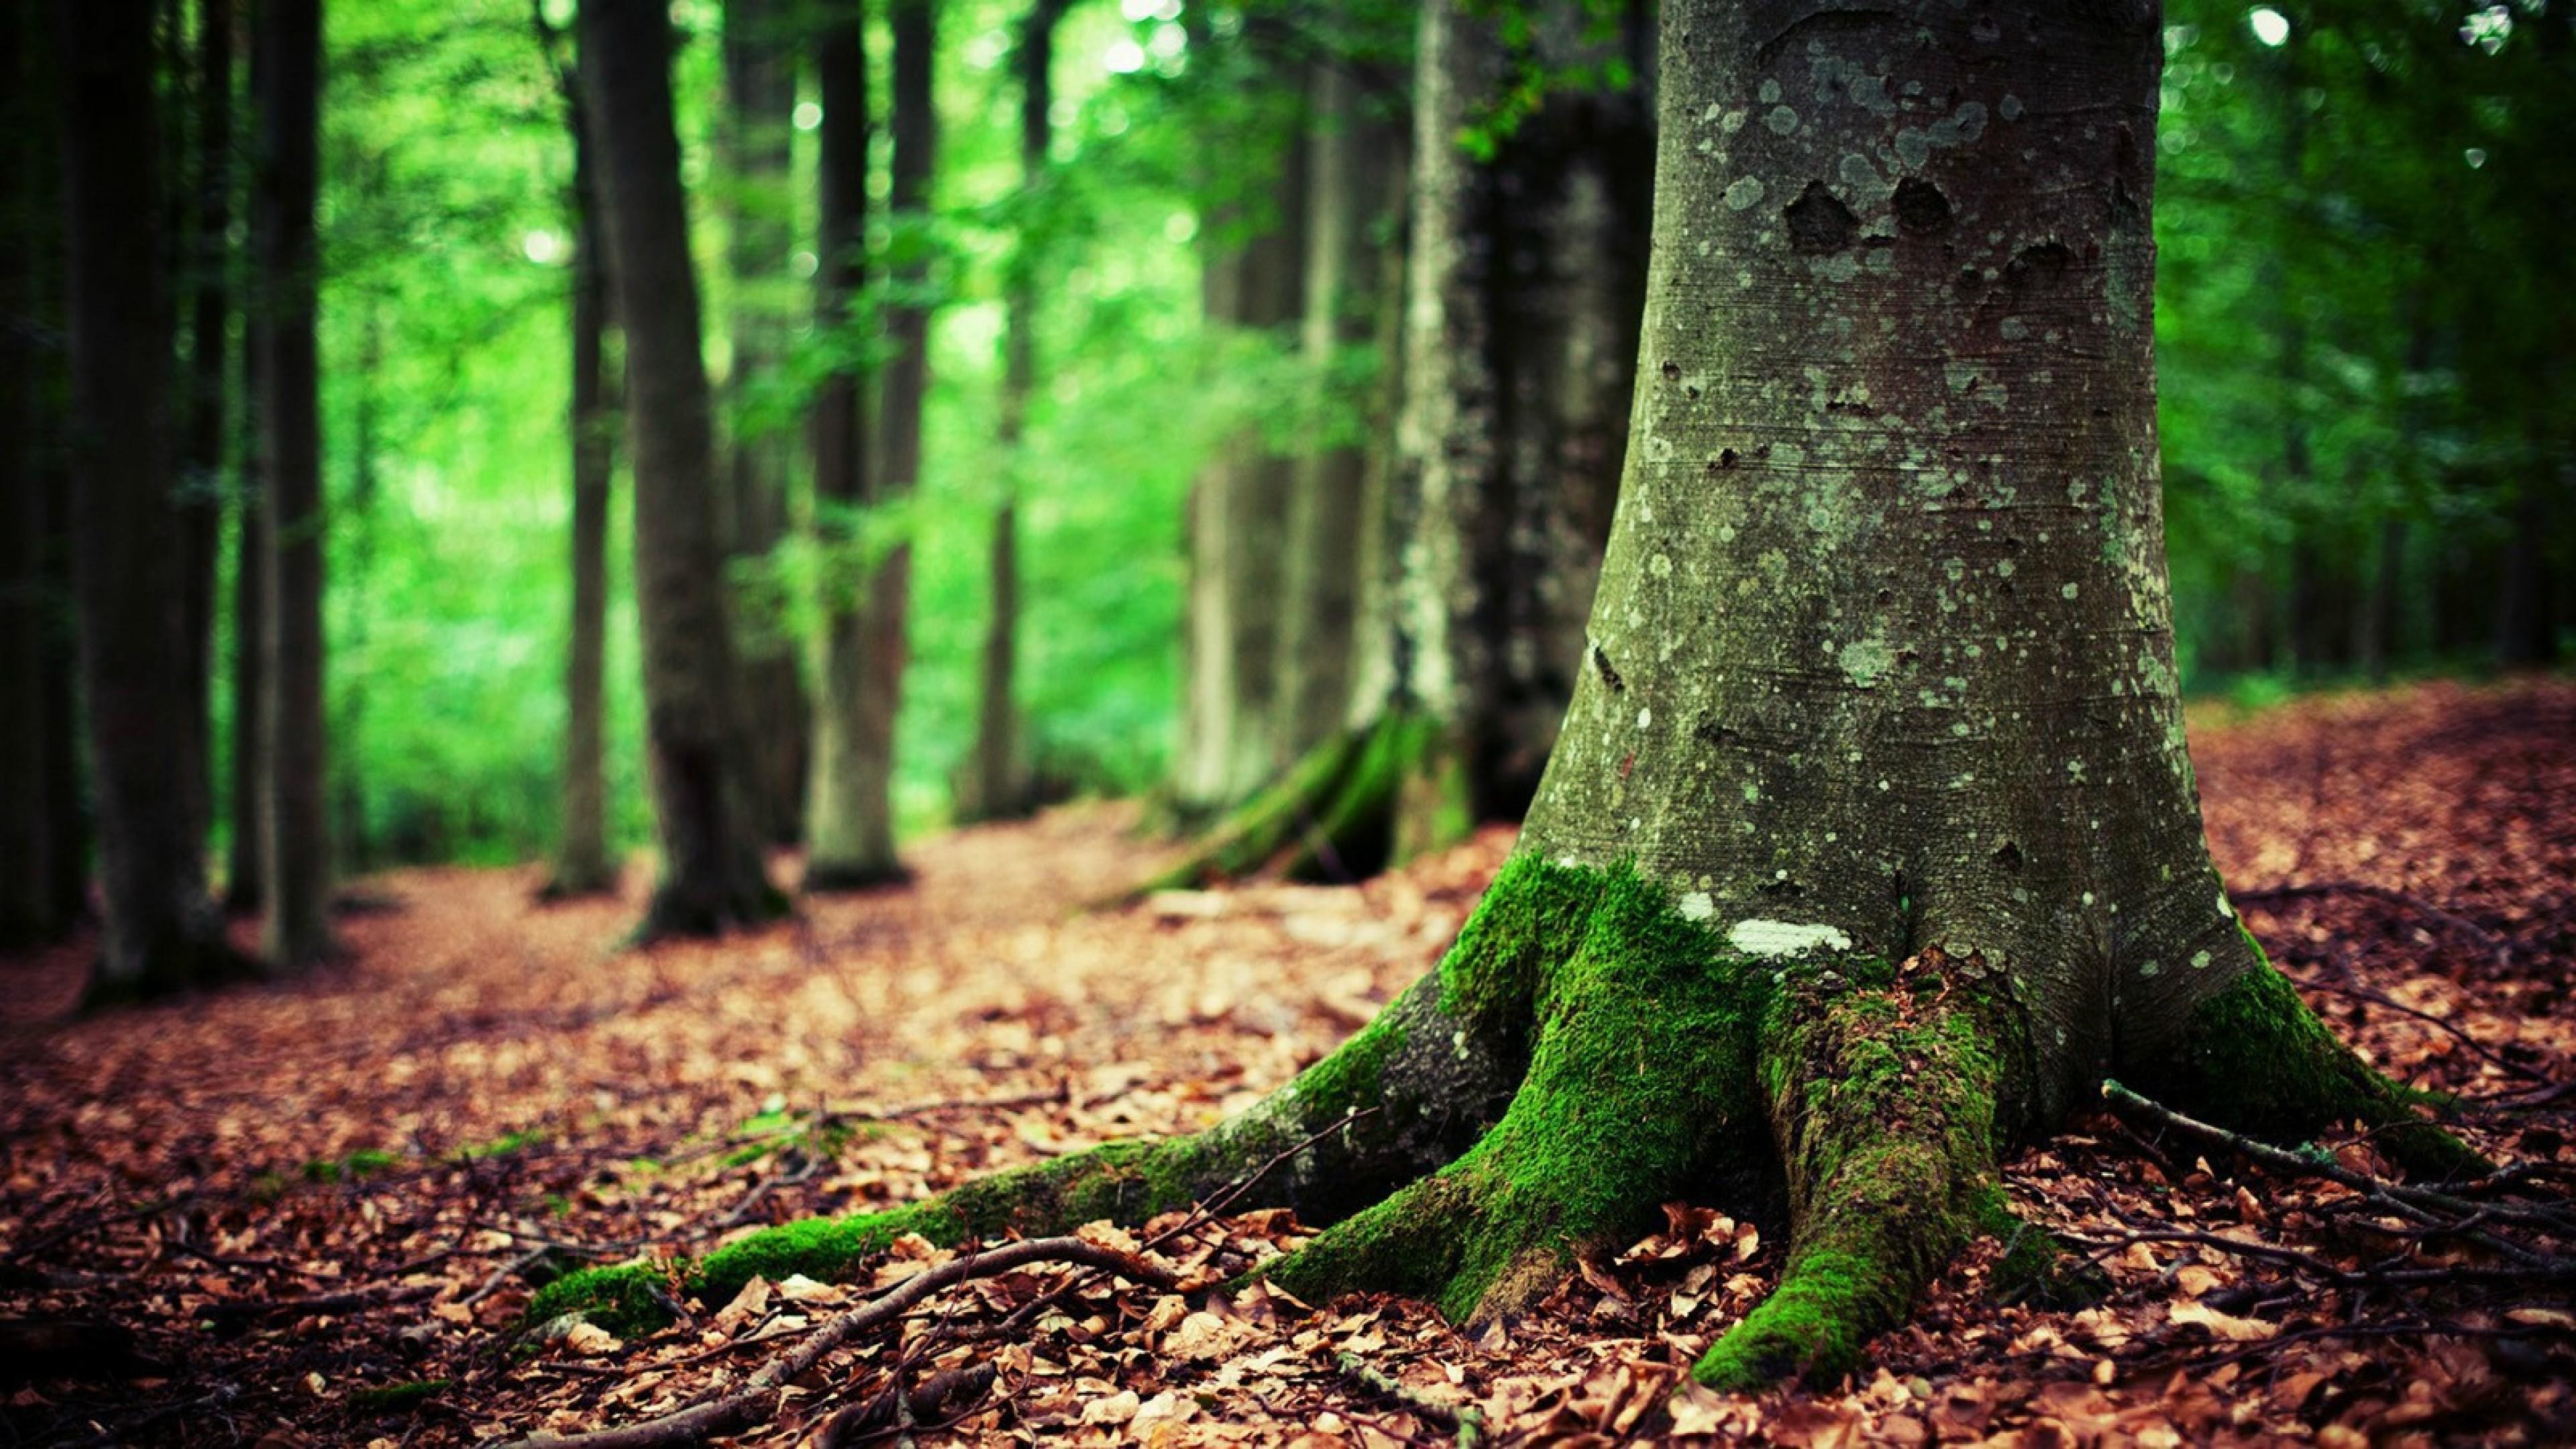 Suicide Forest Hd Wallpaper 4k Ultra Hd Hd Wallpaper